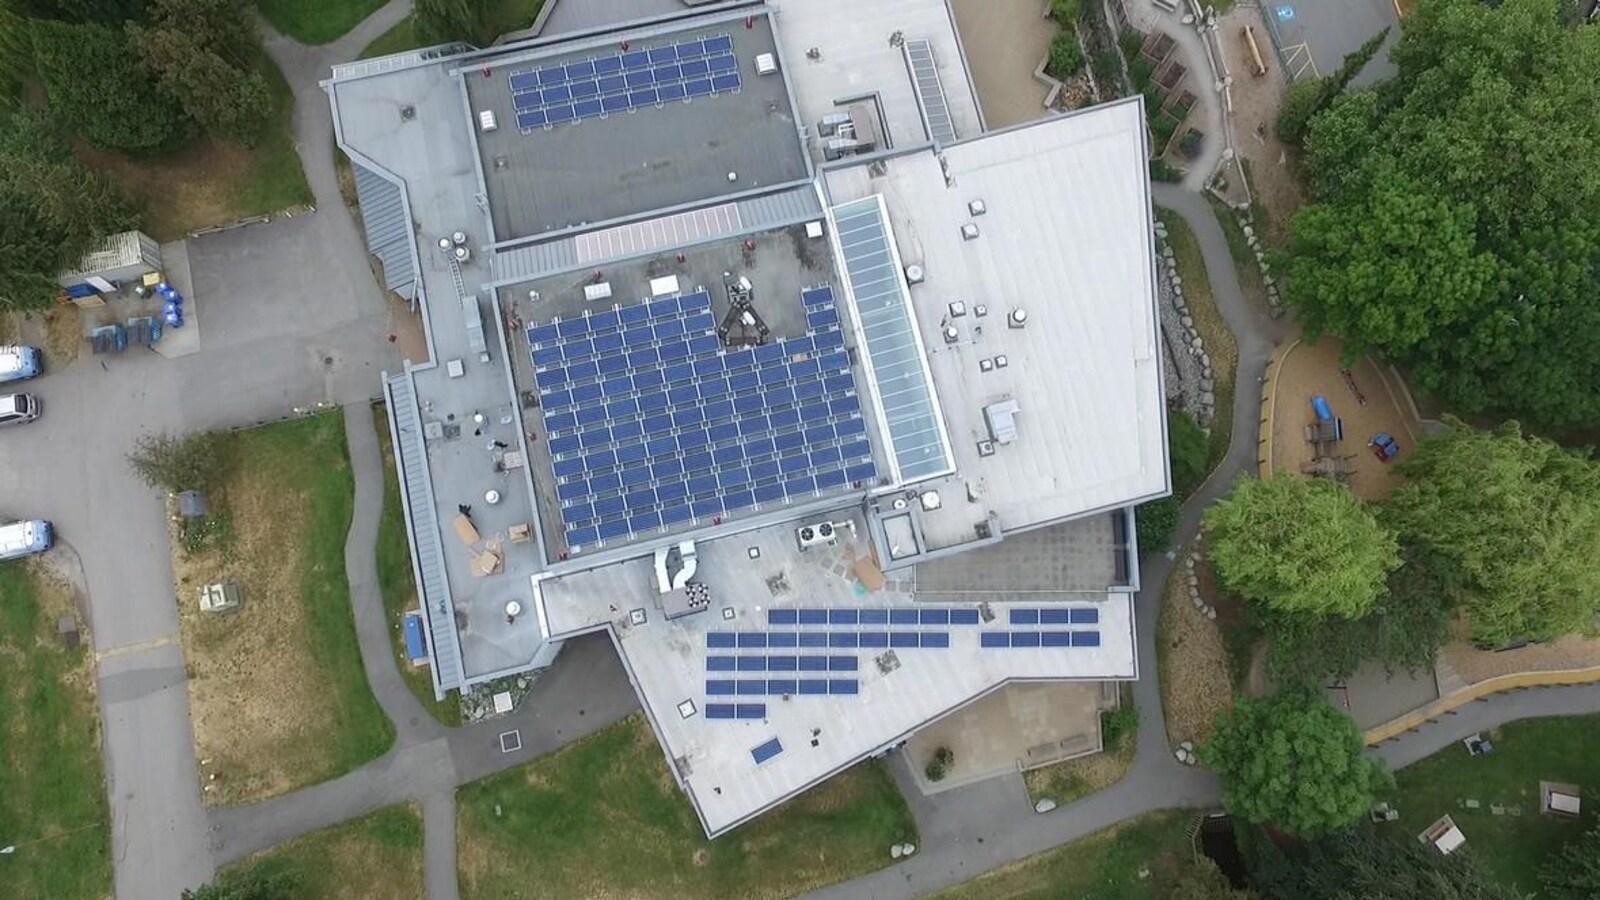 Vue aérienne du toit d'un bâtiment sur lequel sont installés plus d'une centaine de panneaux solaires.